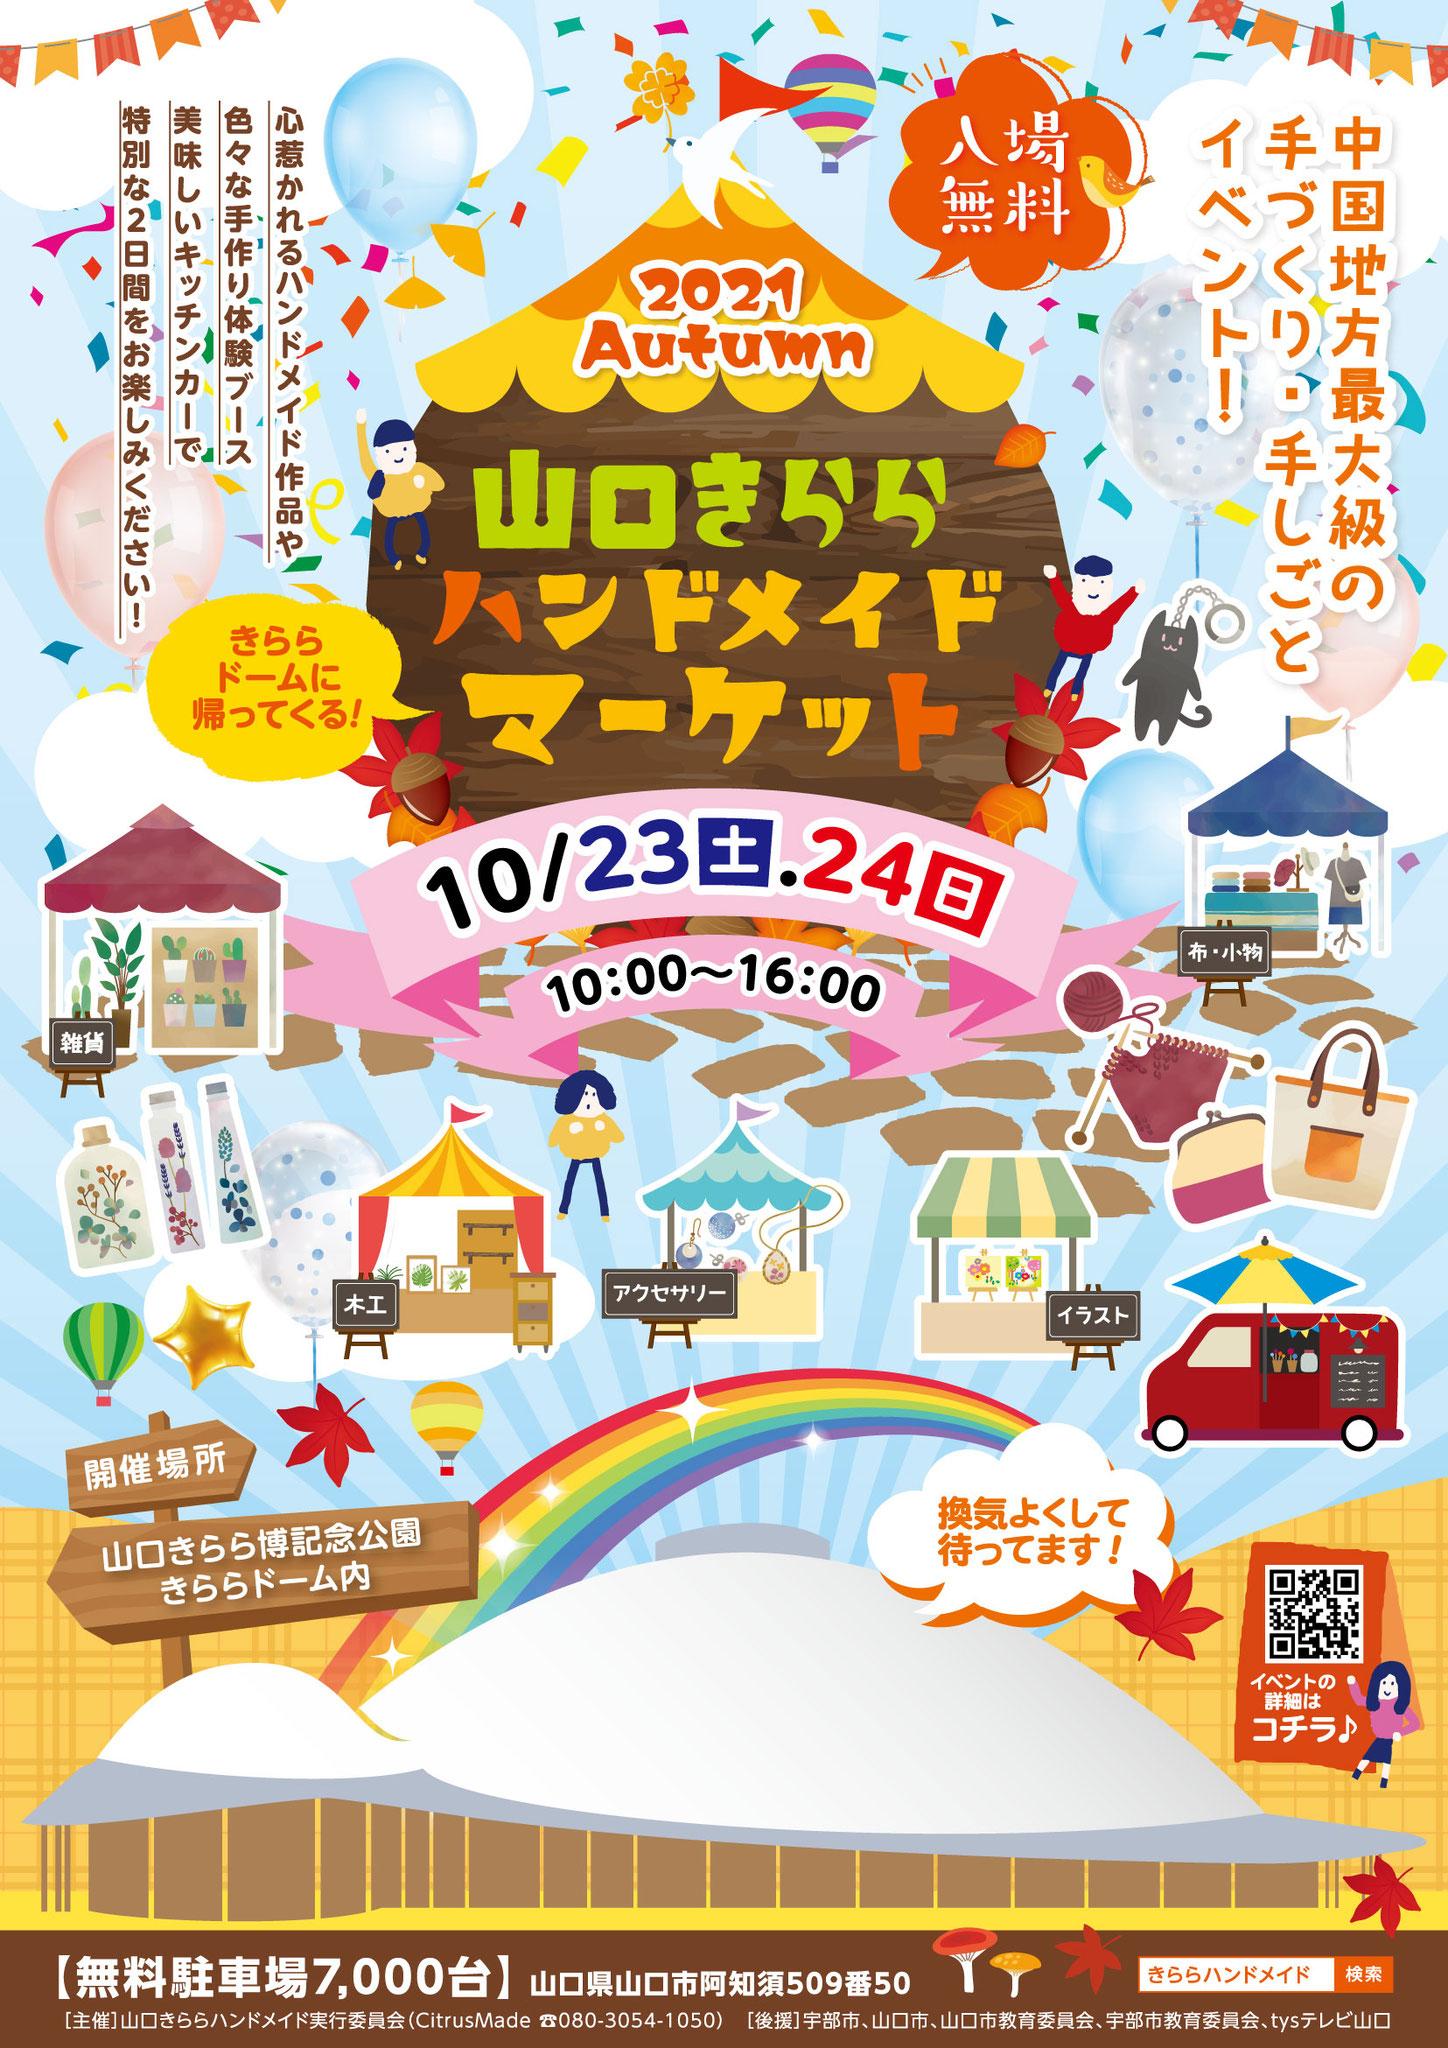 山口きららハンドメイドマーケット2021秋